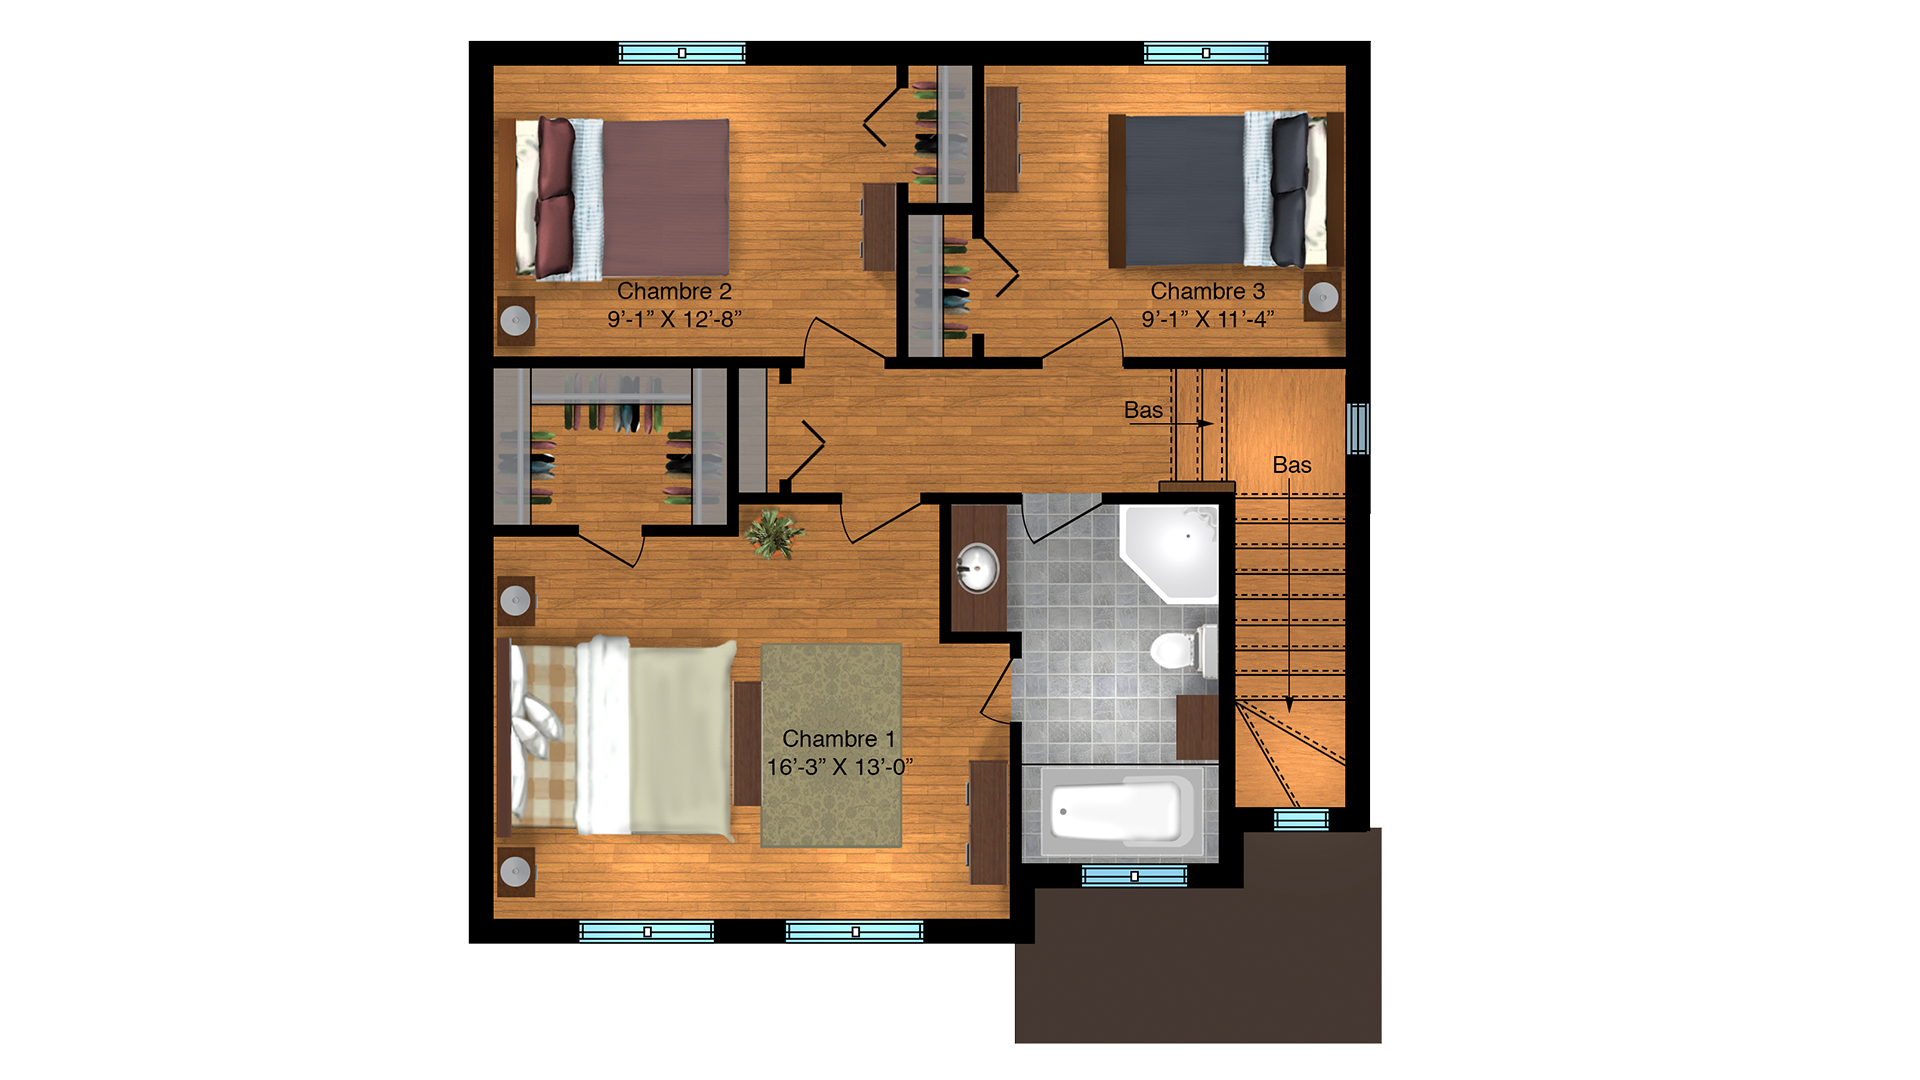 belfast-plan-plancher-etage